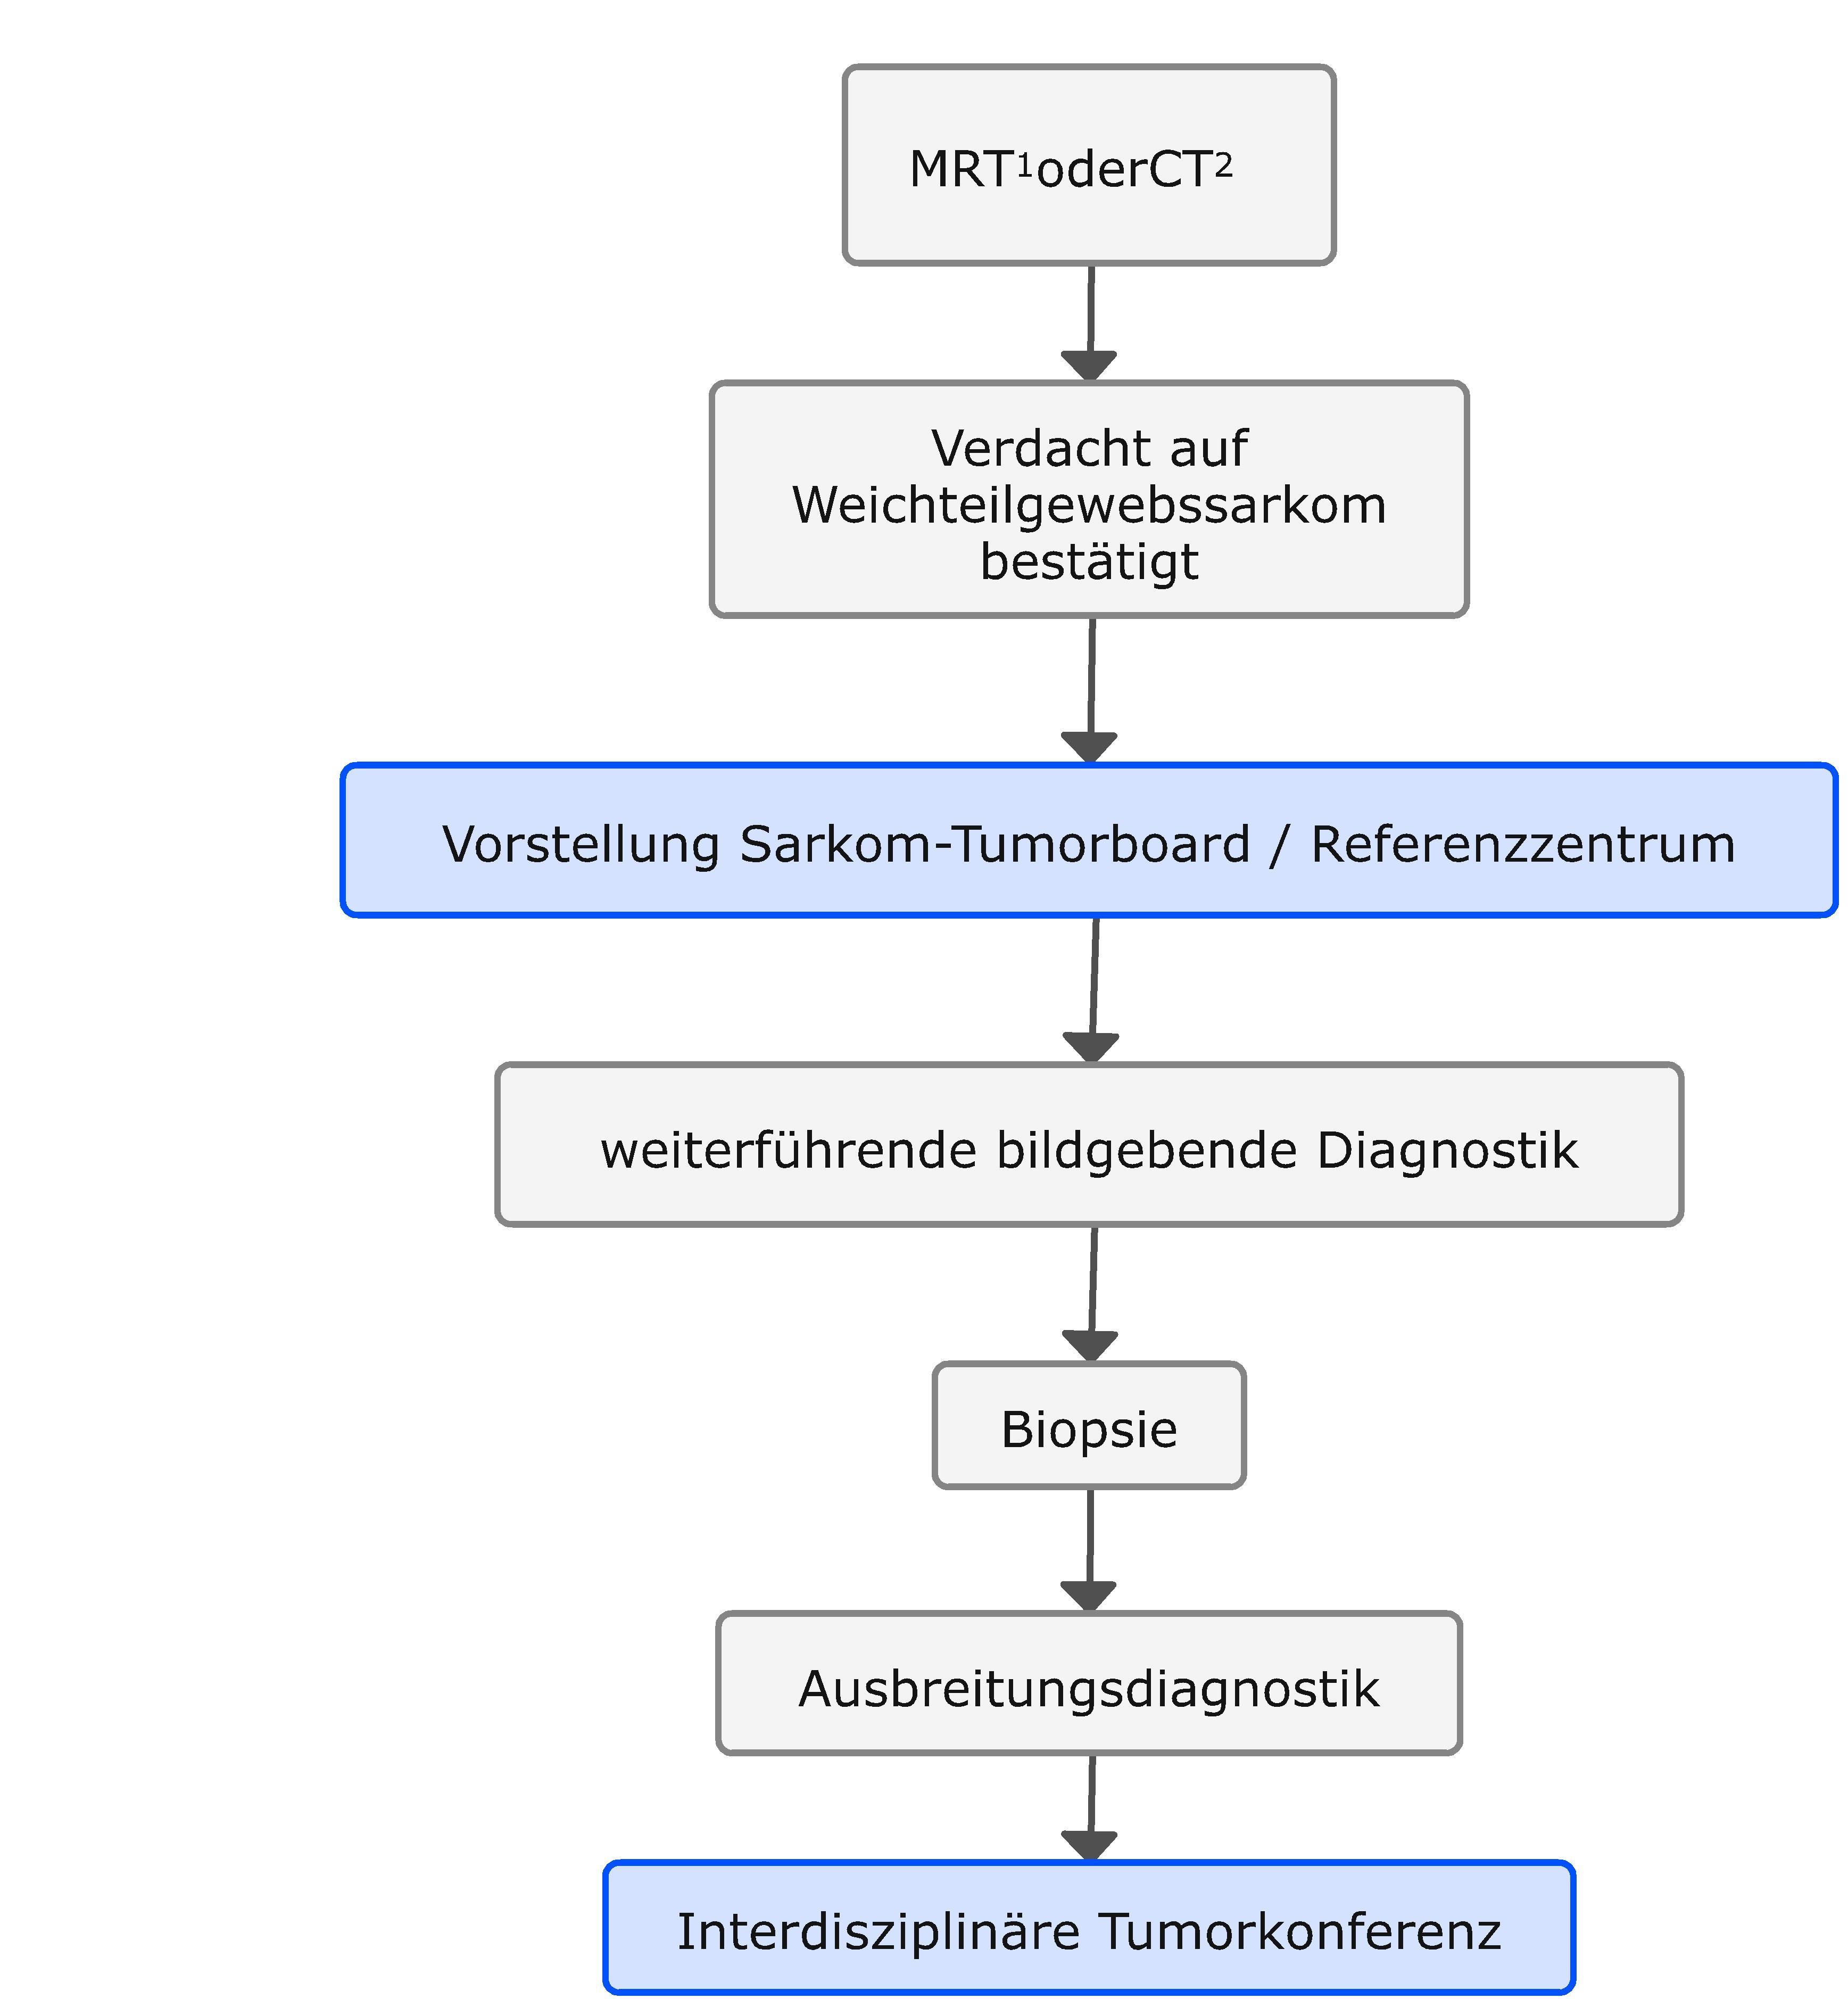 Algorithmus für die Diagnostik bei klinischem Verdacht auf ein Weichgewebssarkom